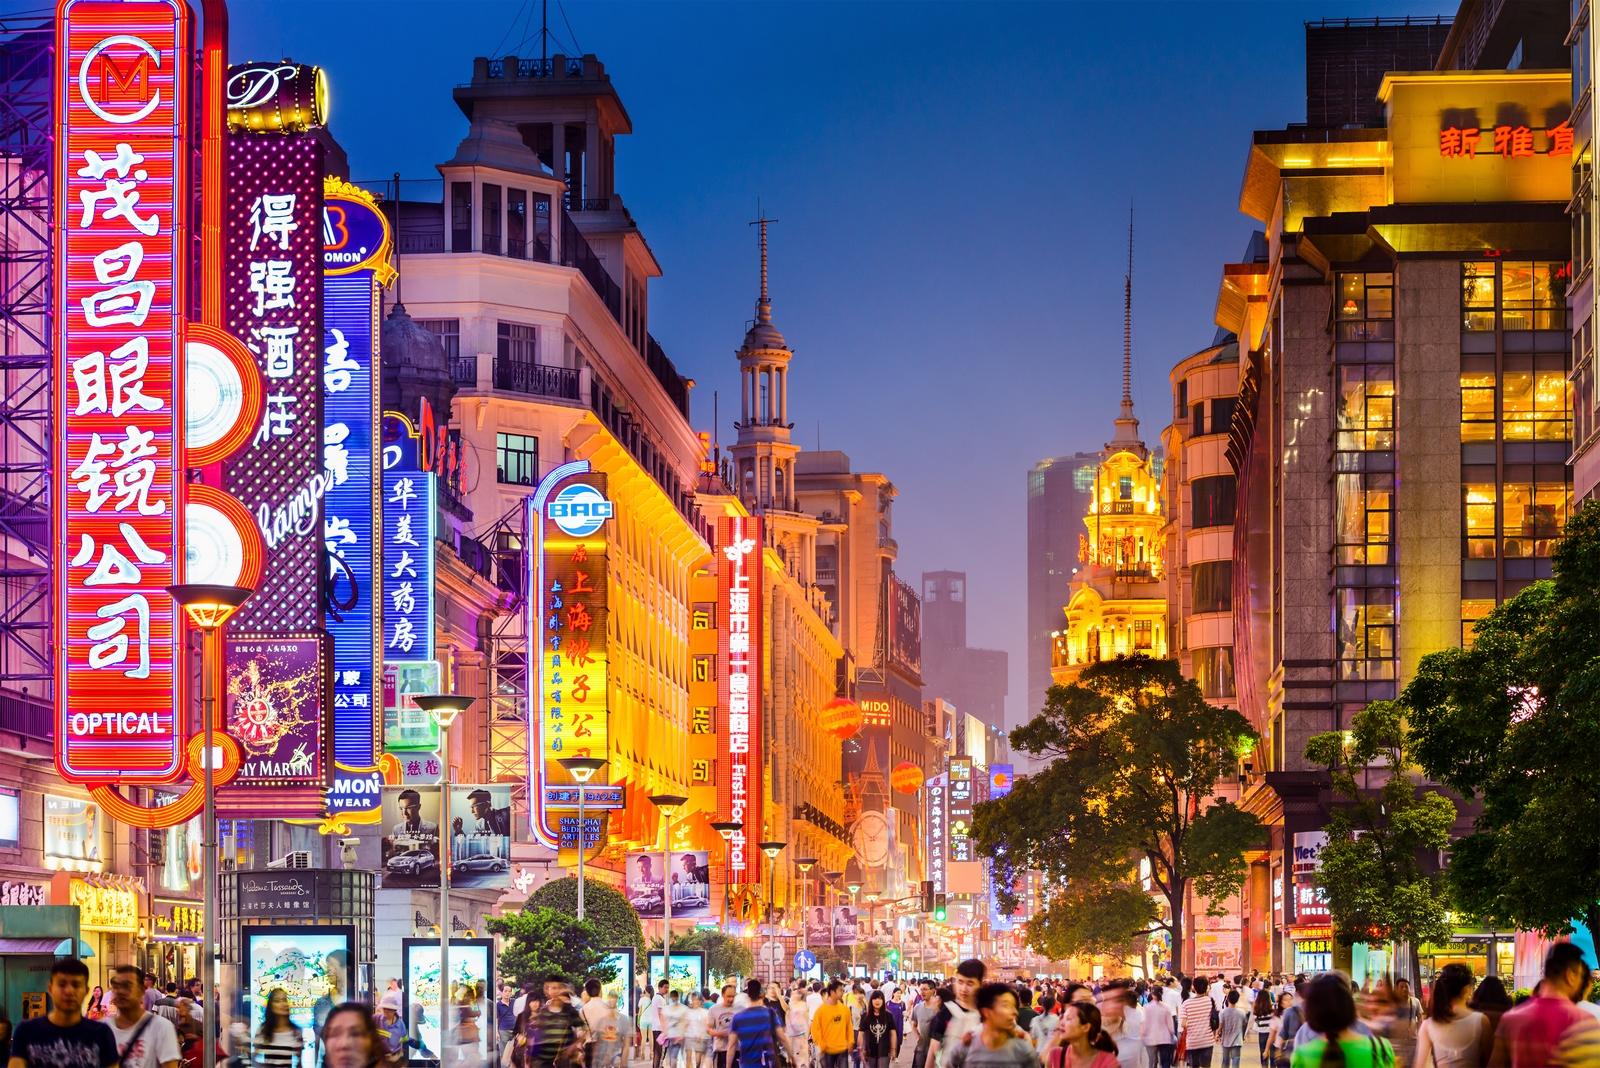 Trung Quốc và công cuộc dồn sức cho nền kinh tế ban đêm